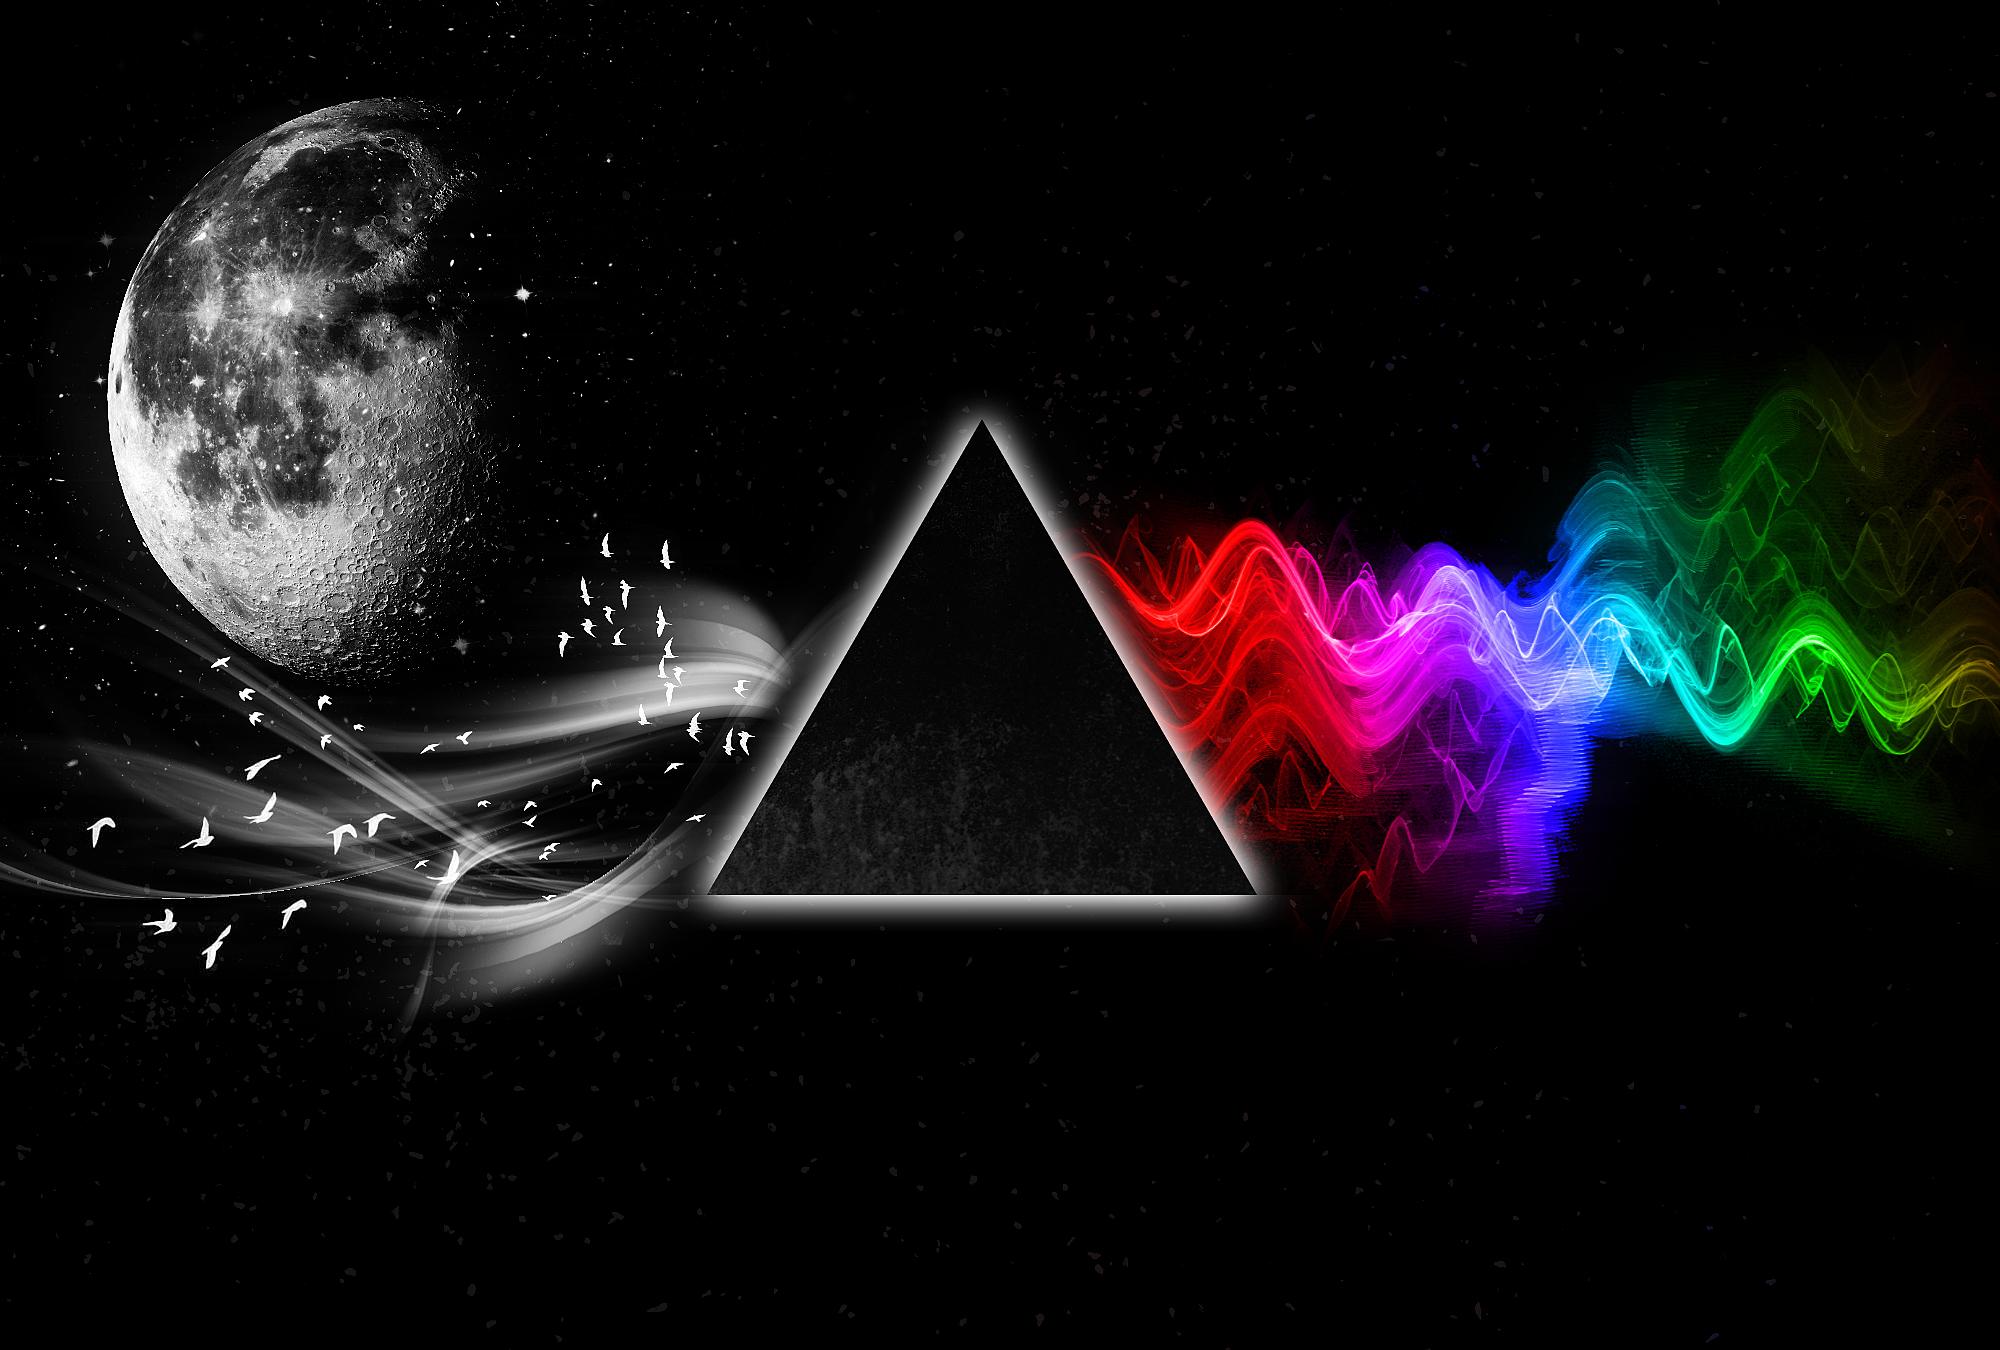 Best Iphone Wallpaper Website Pink Floyd Digital Art Pinkfloyd